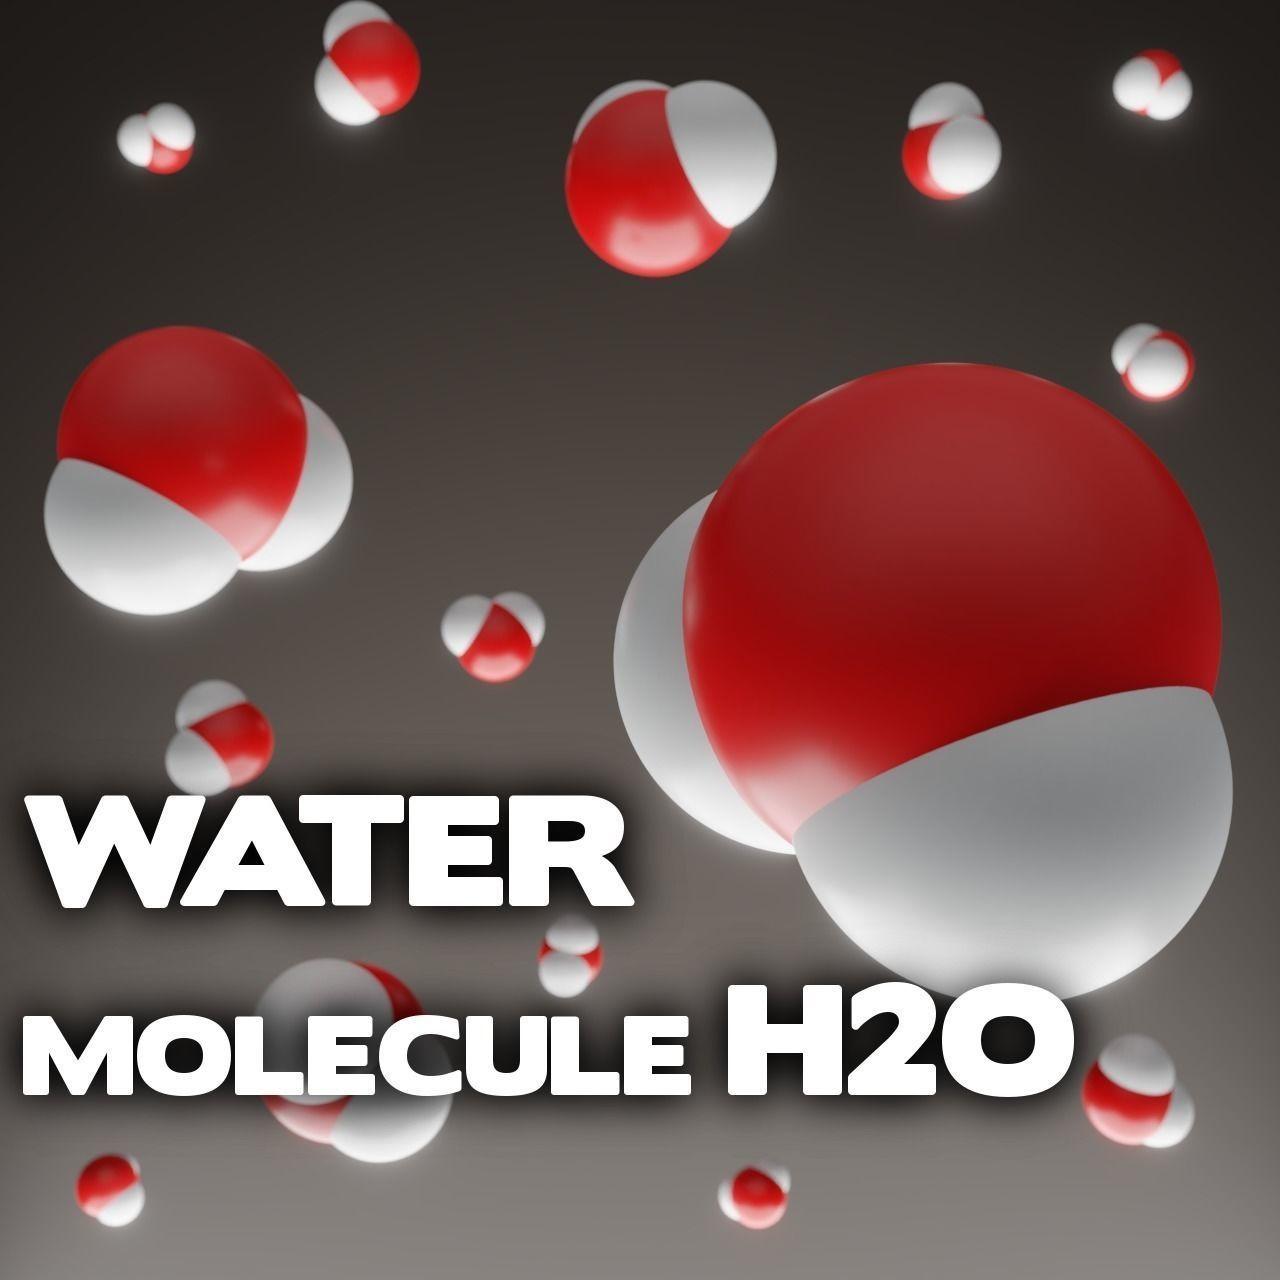 Water molecule - H2O